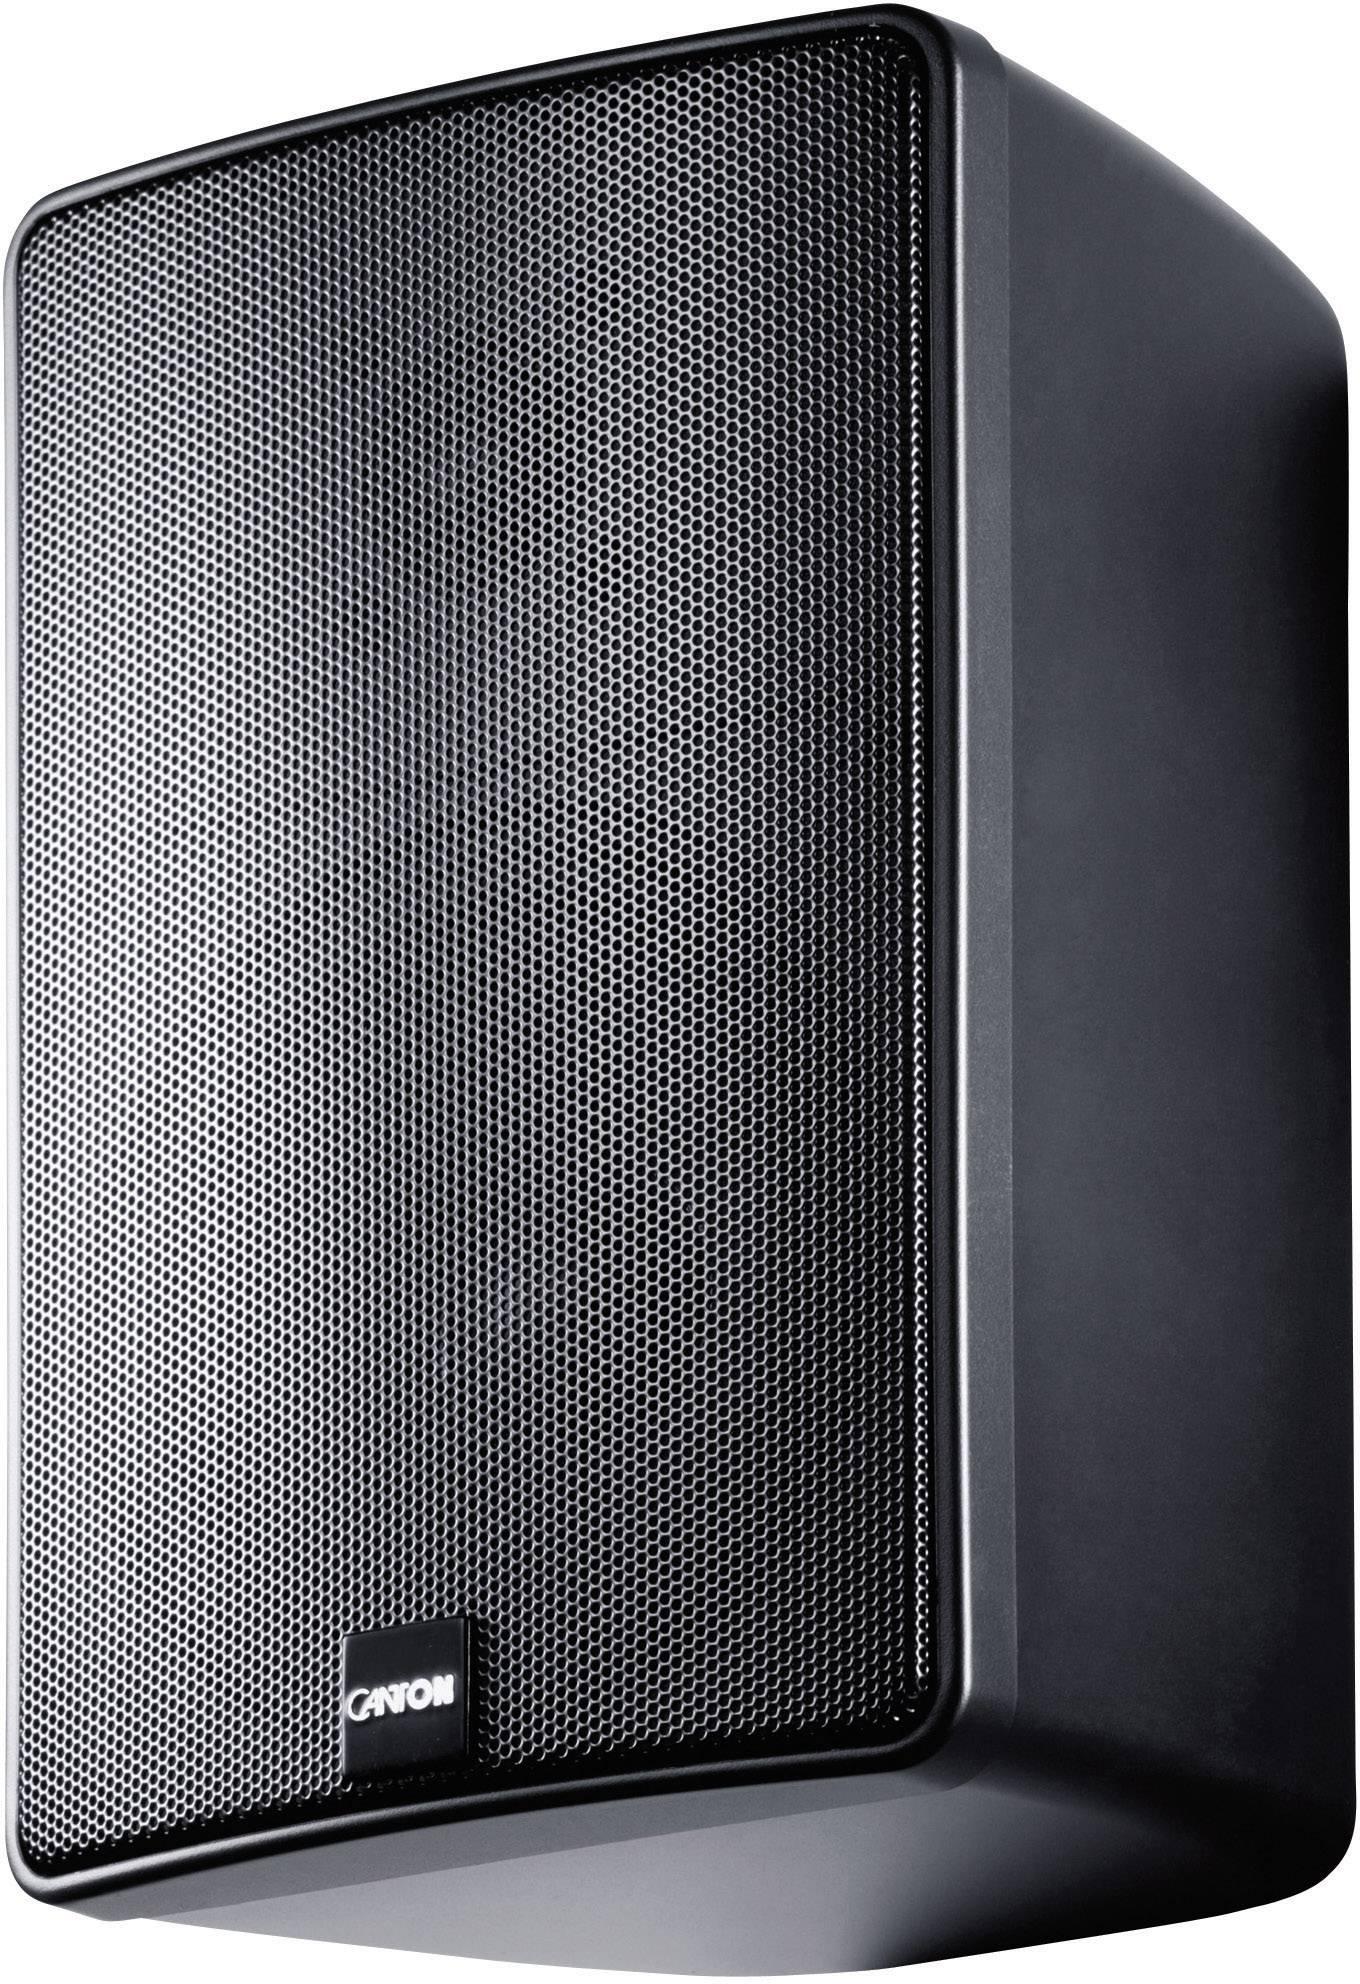 Regálový reproduktor Canton Plus GXL.3, 40 do 26000 Hz, 120 W, 1 pár, čierna